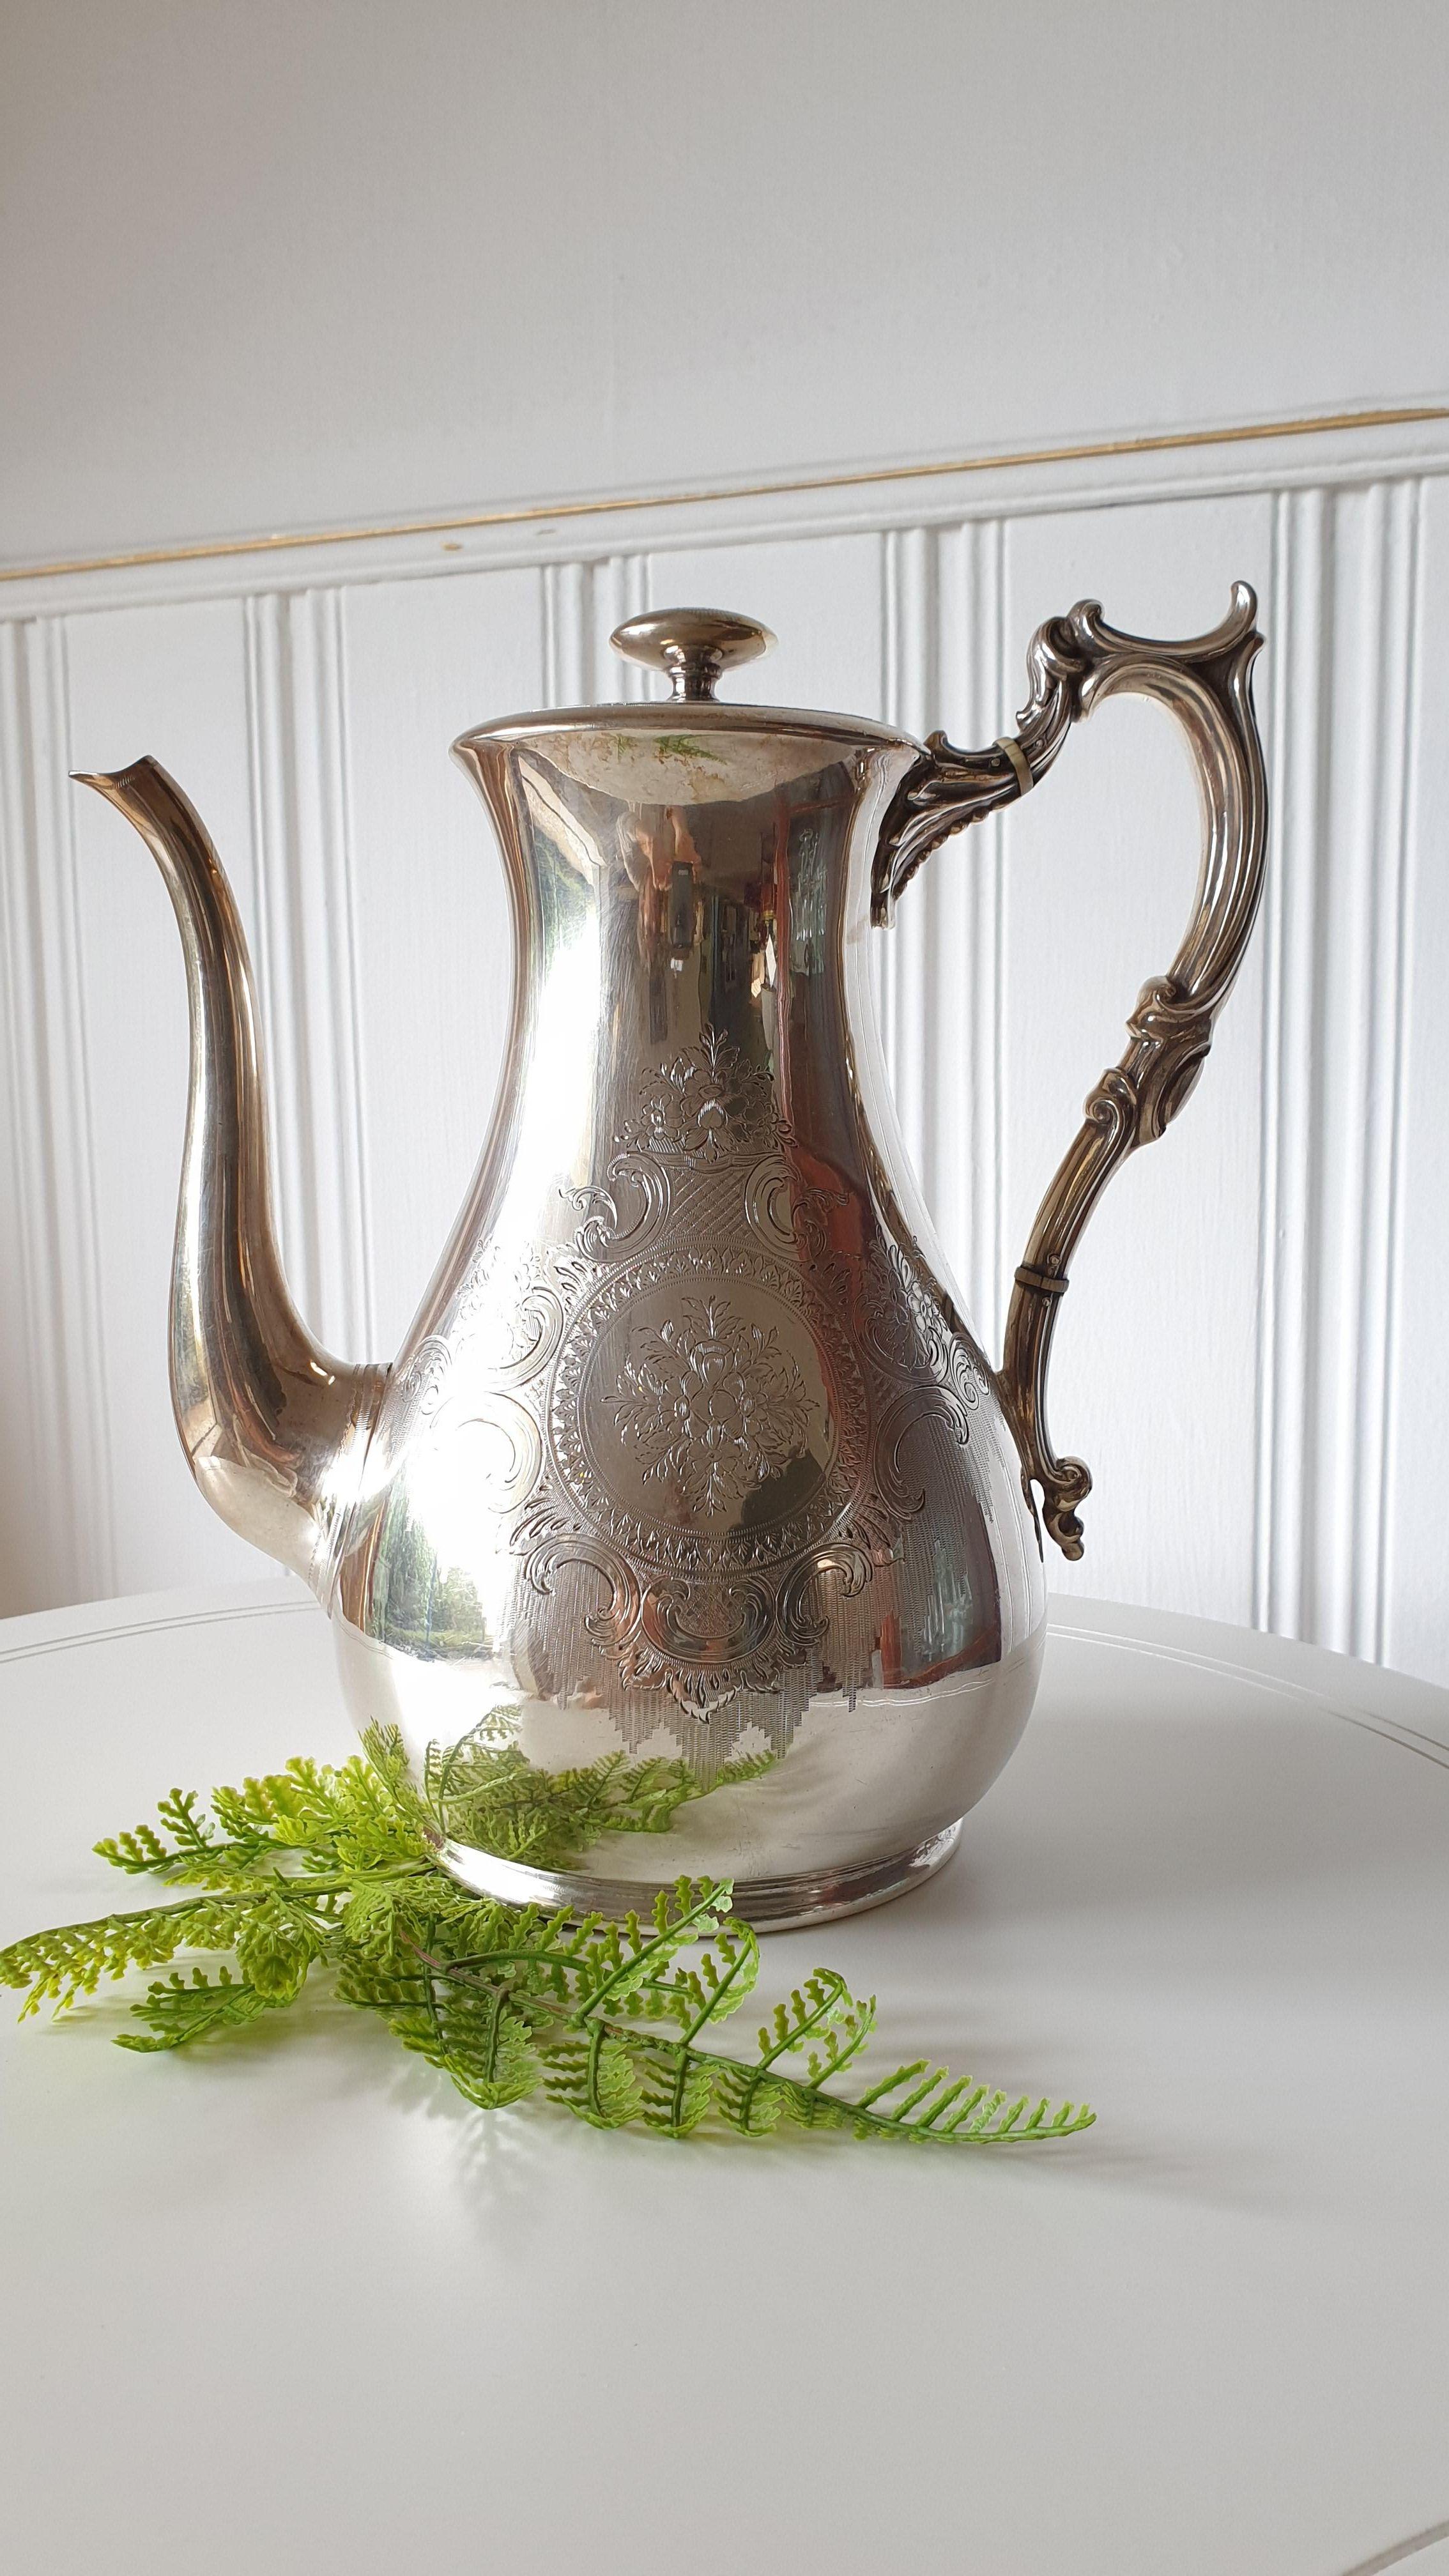 Kaffee Kanne Silber Plated